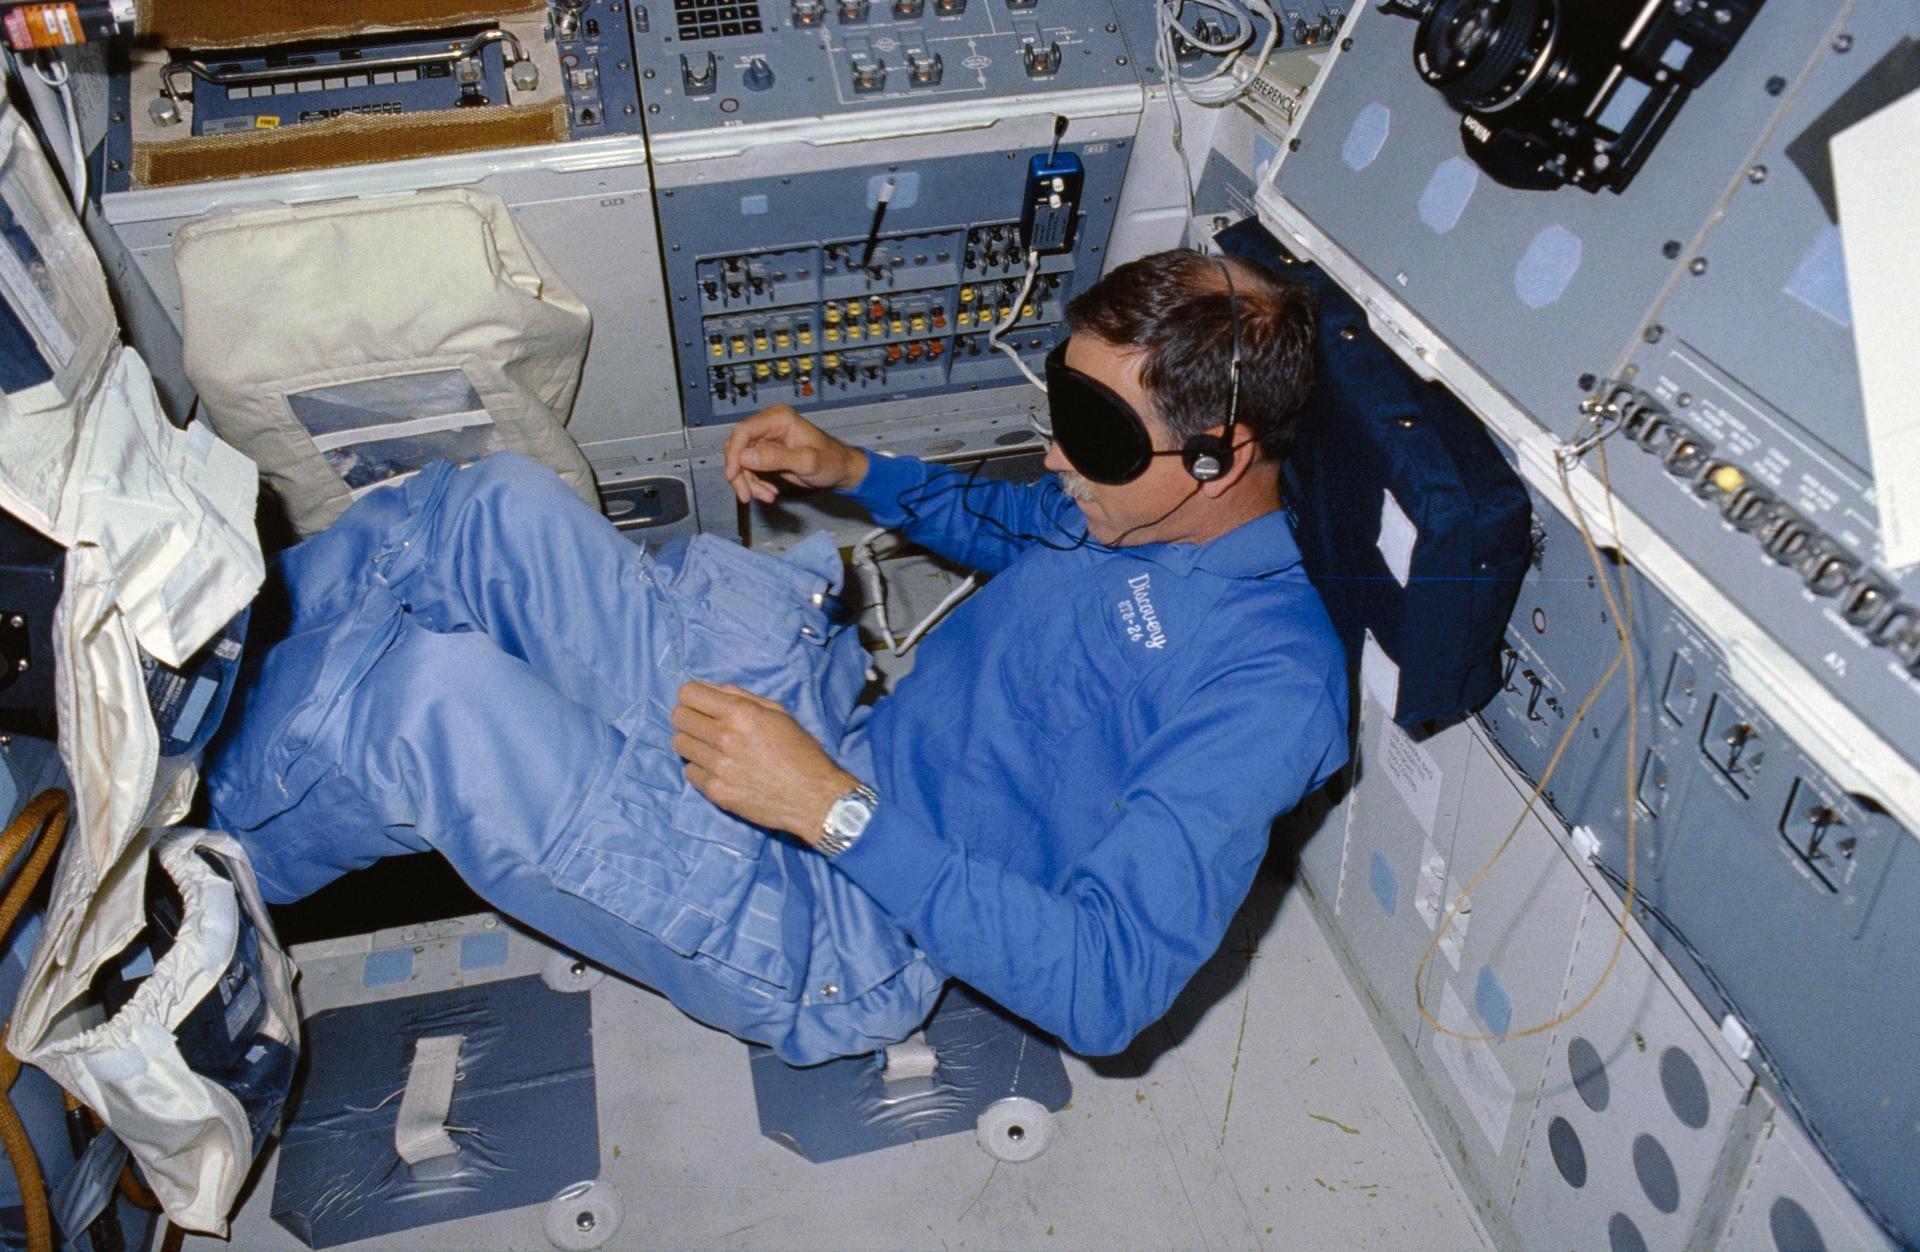 Richard O. Covey, piloto da STS-26, dorme apoiando sua cabeça em painéis durante a missão da NASA (Foto: NASA)